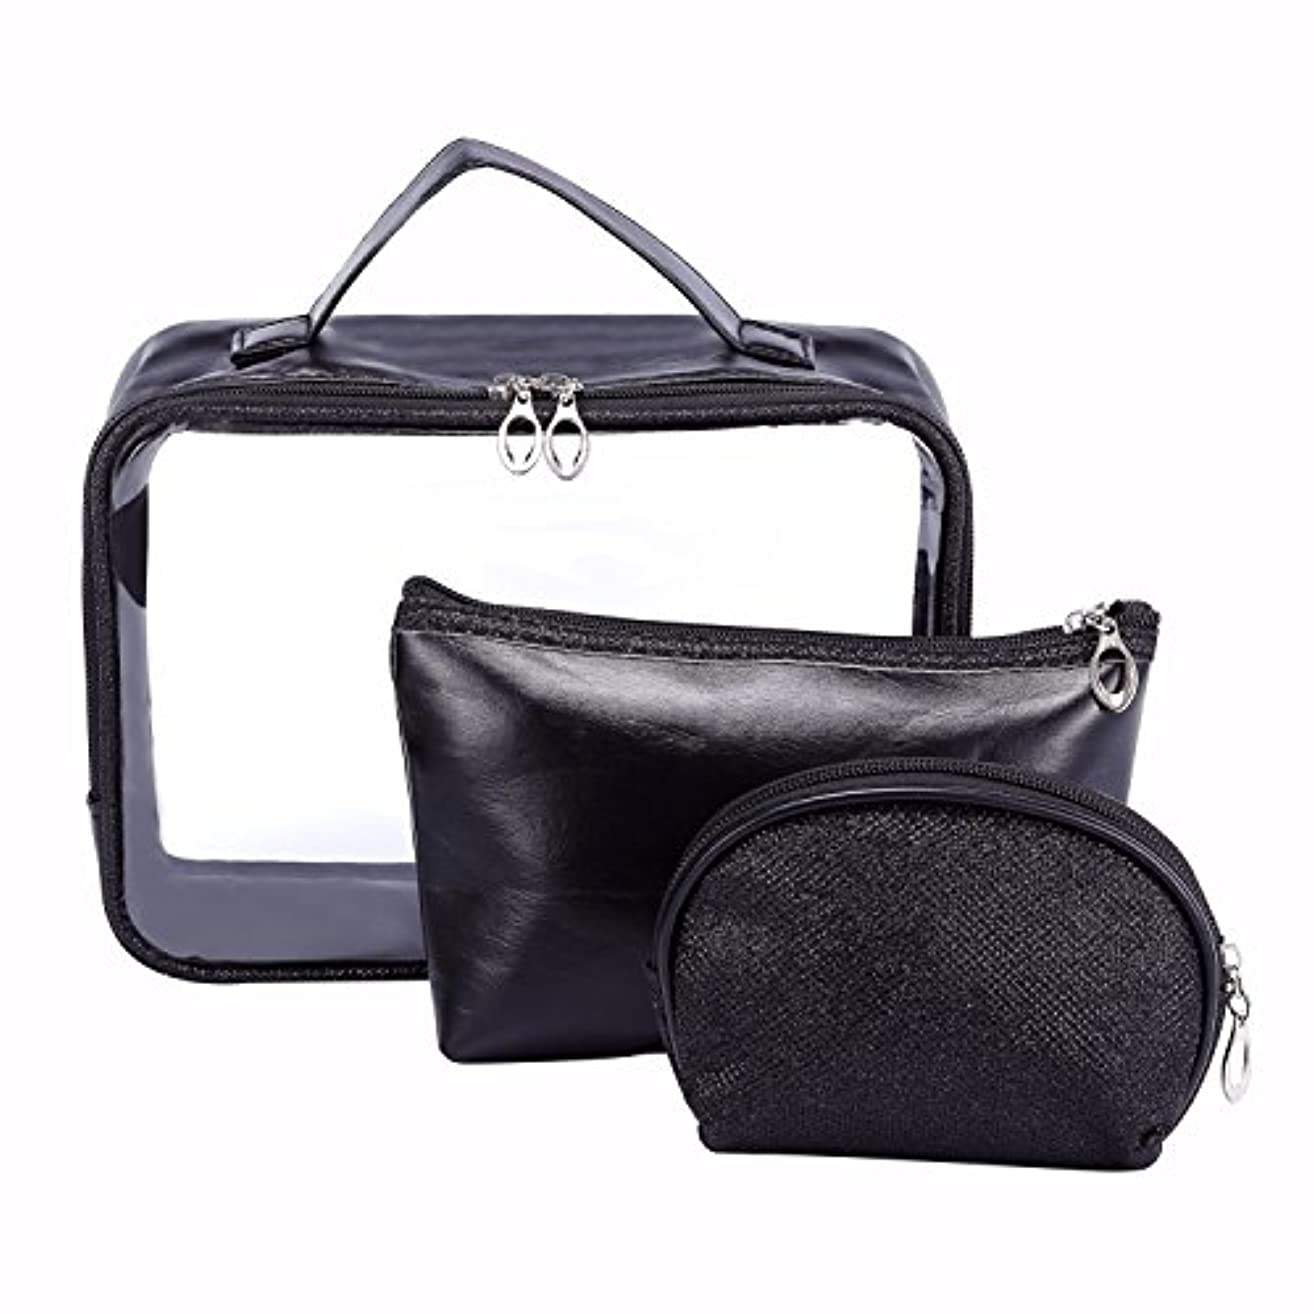 周辺ボイコット州HOYOFO 化粧ポーチ メイクバッグ バッグインバッグ 化粧品 収納 透明 雑貨 小物入れ 持ち運び可 超軽 防水 旅行 3点セット ブラック